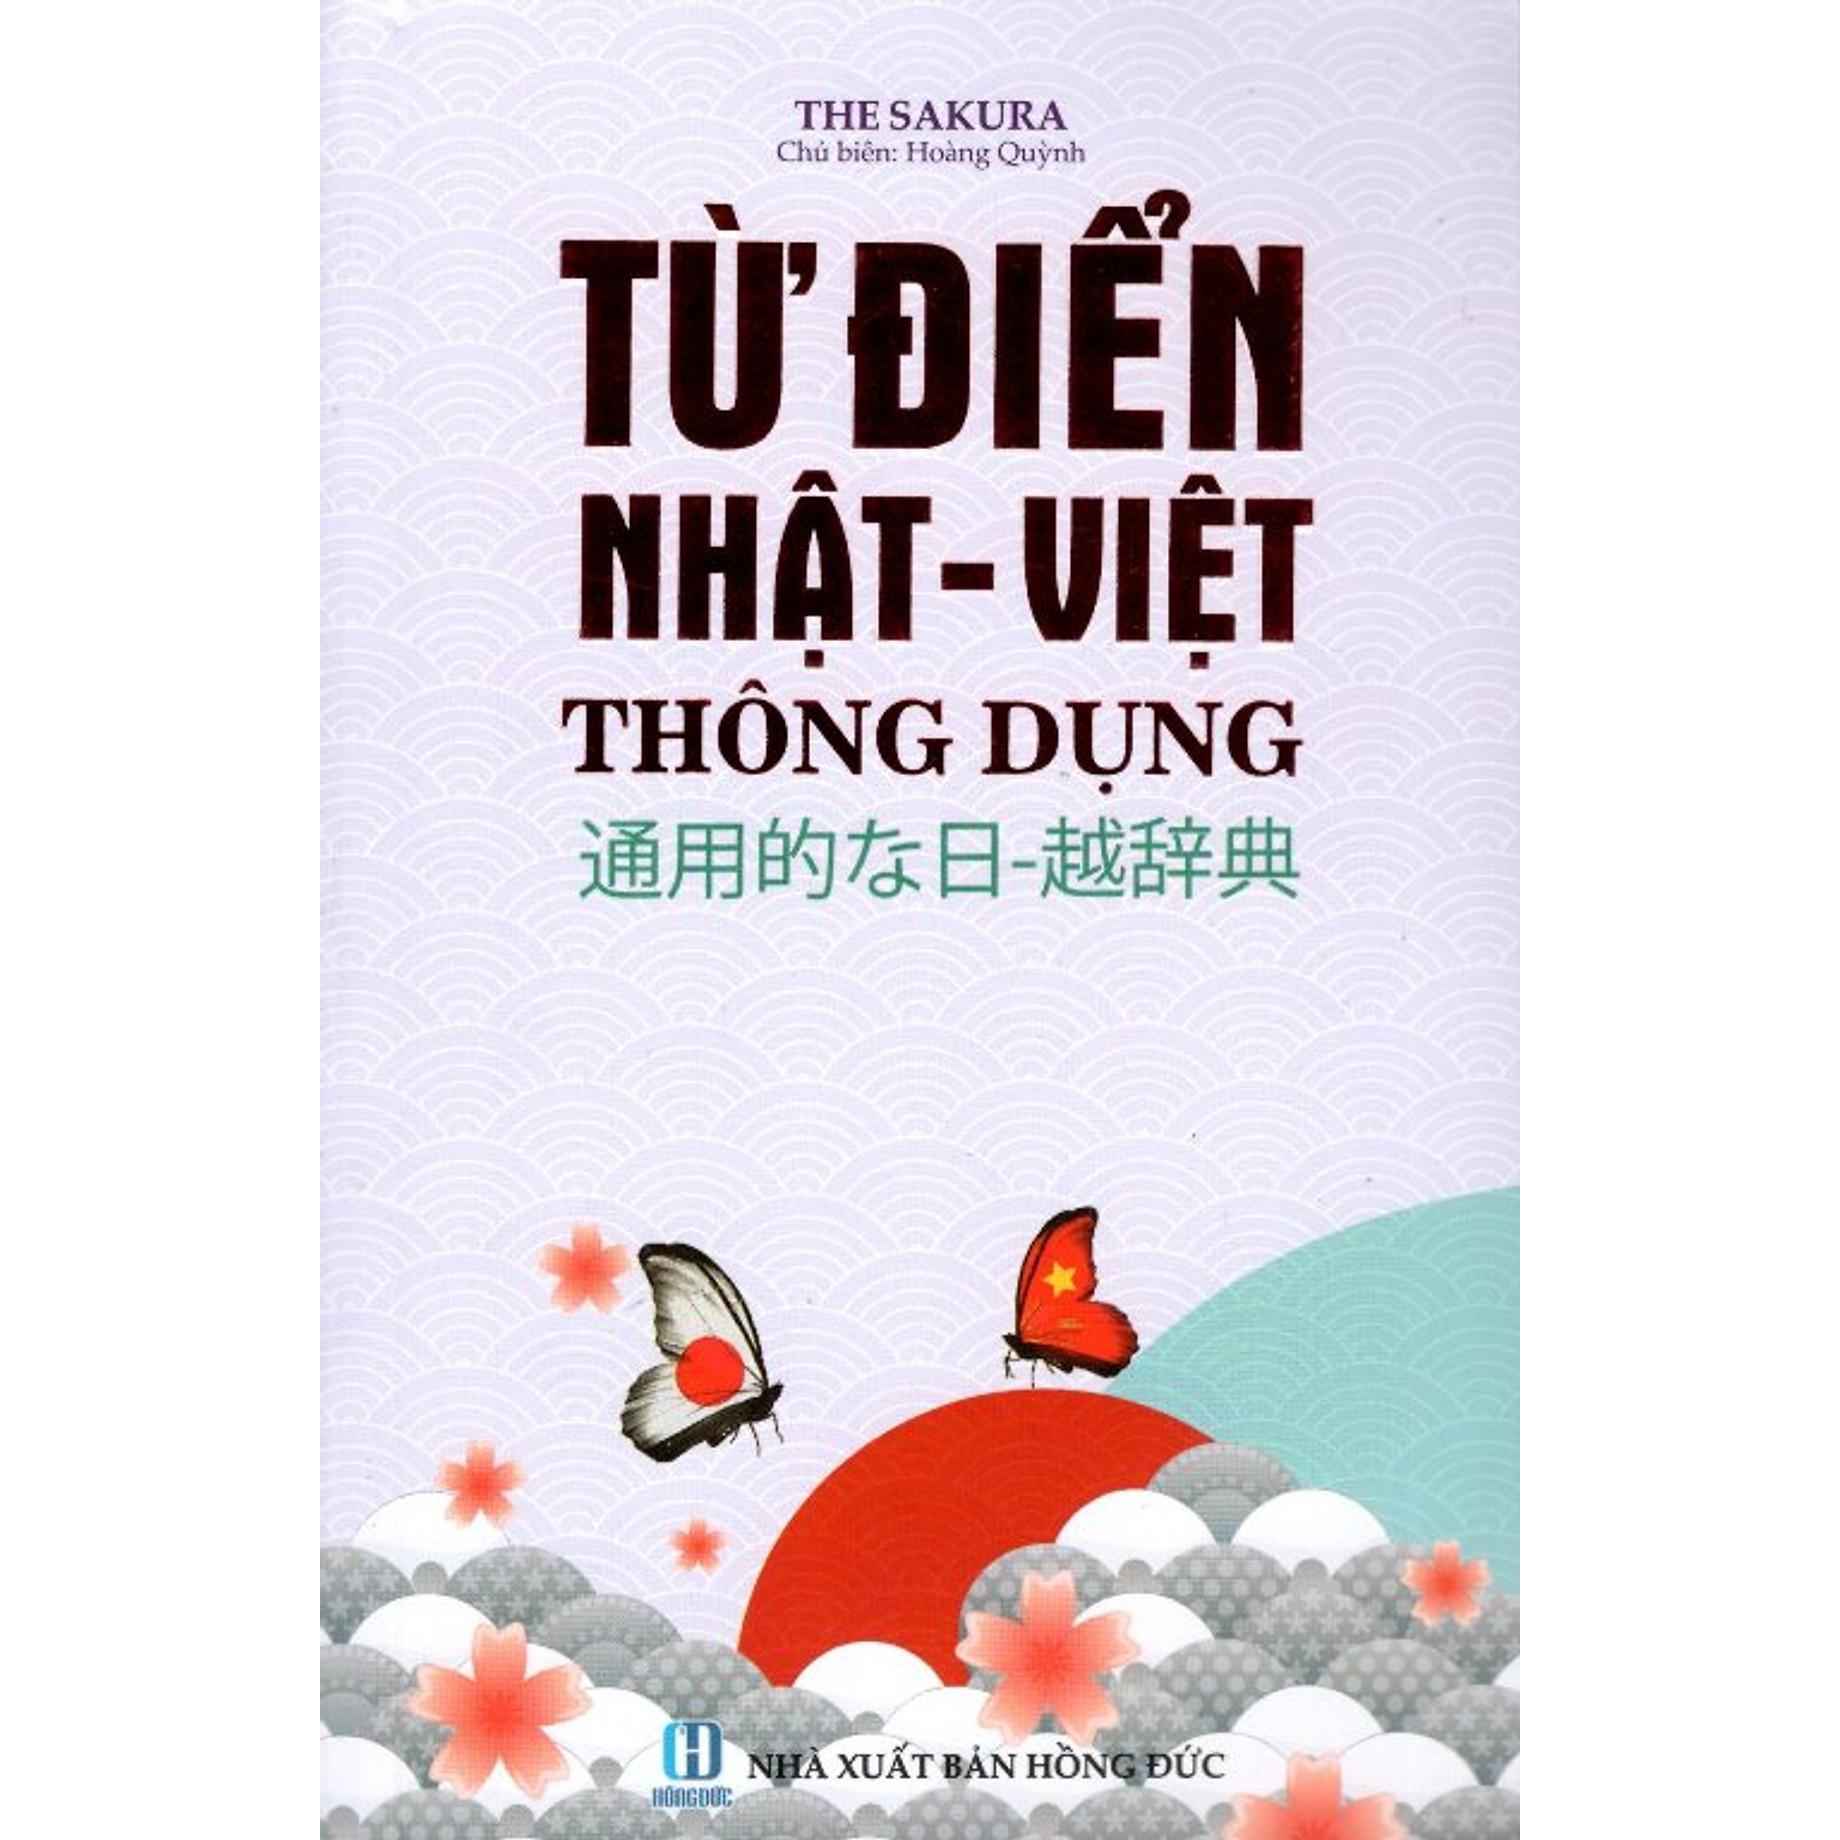 Từ Điển Nhật - Việt Thông Dụng (Bìa Mềm Màu Trắng) (Quà Tặng: Bút Animal Kute')